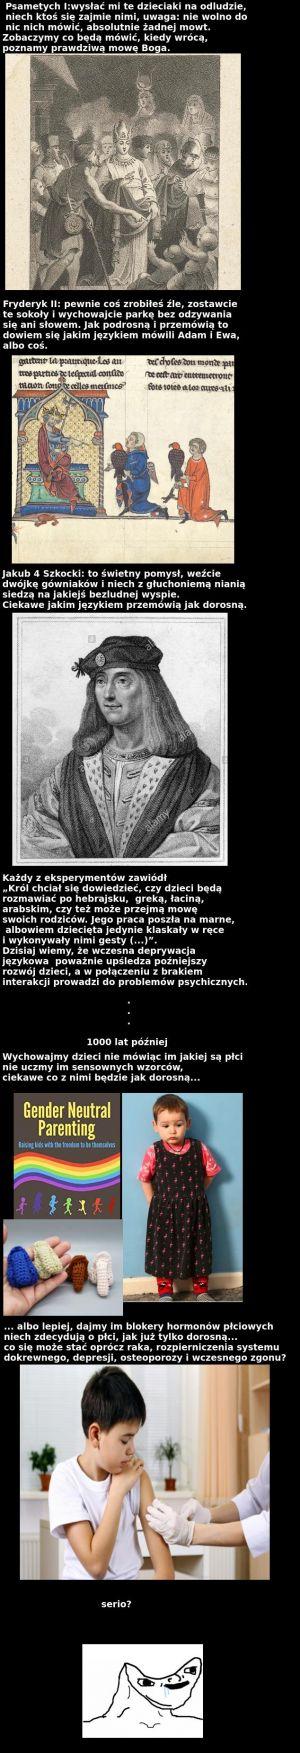 princowaowa